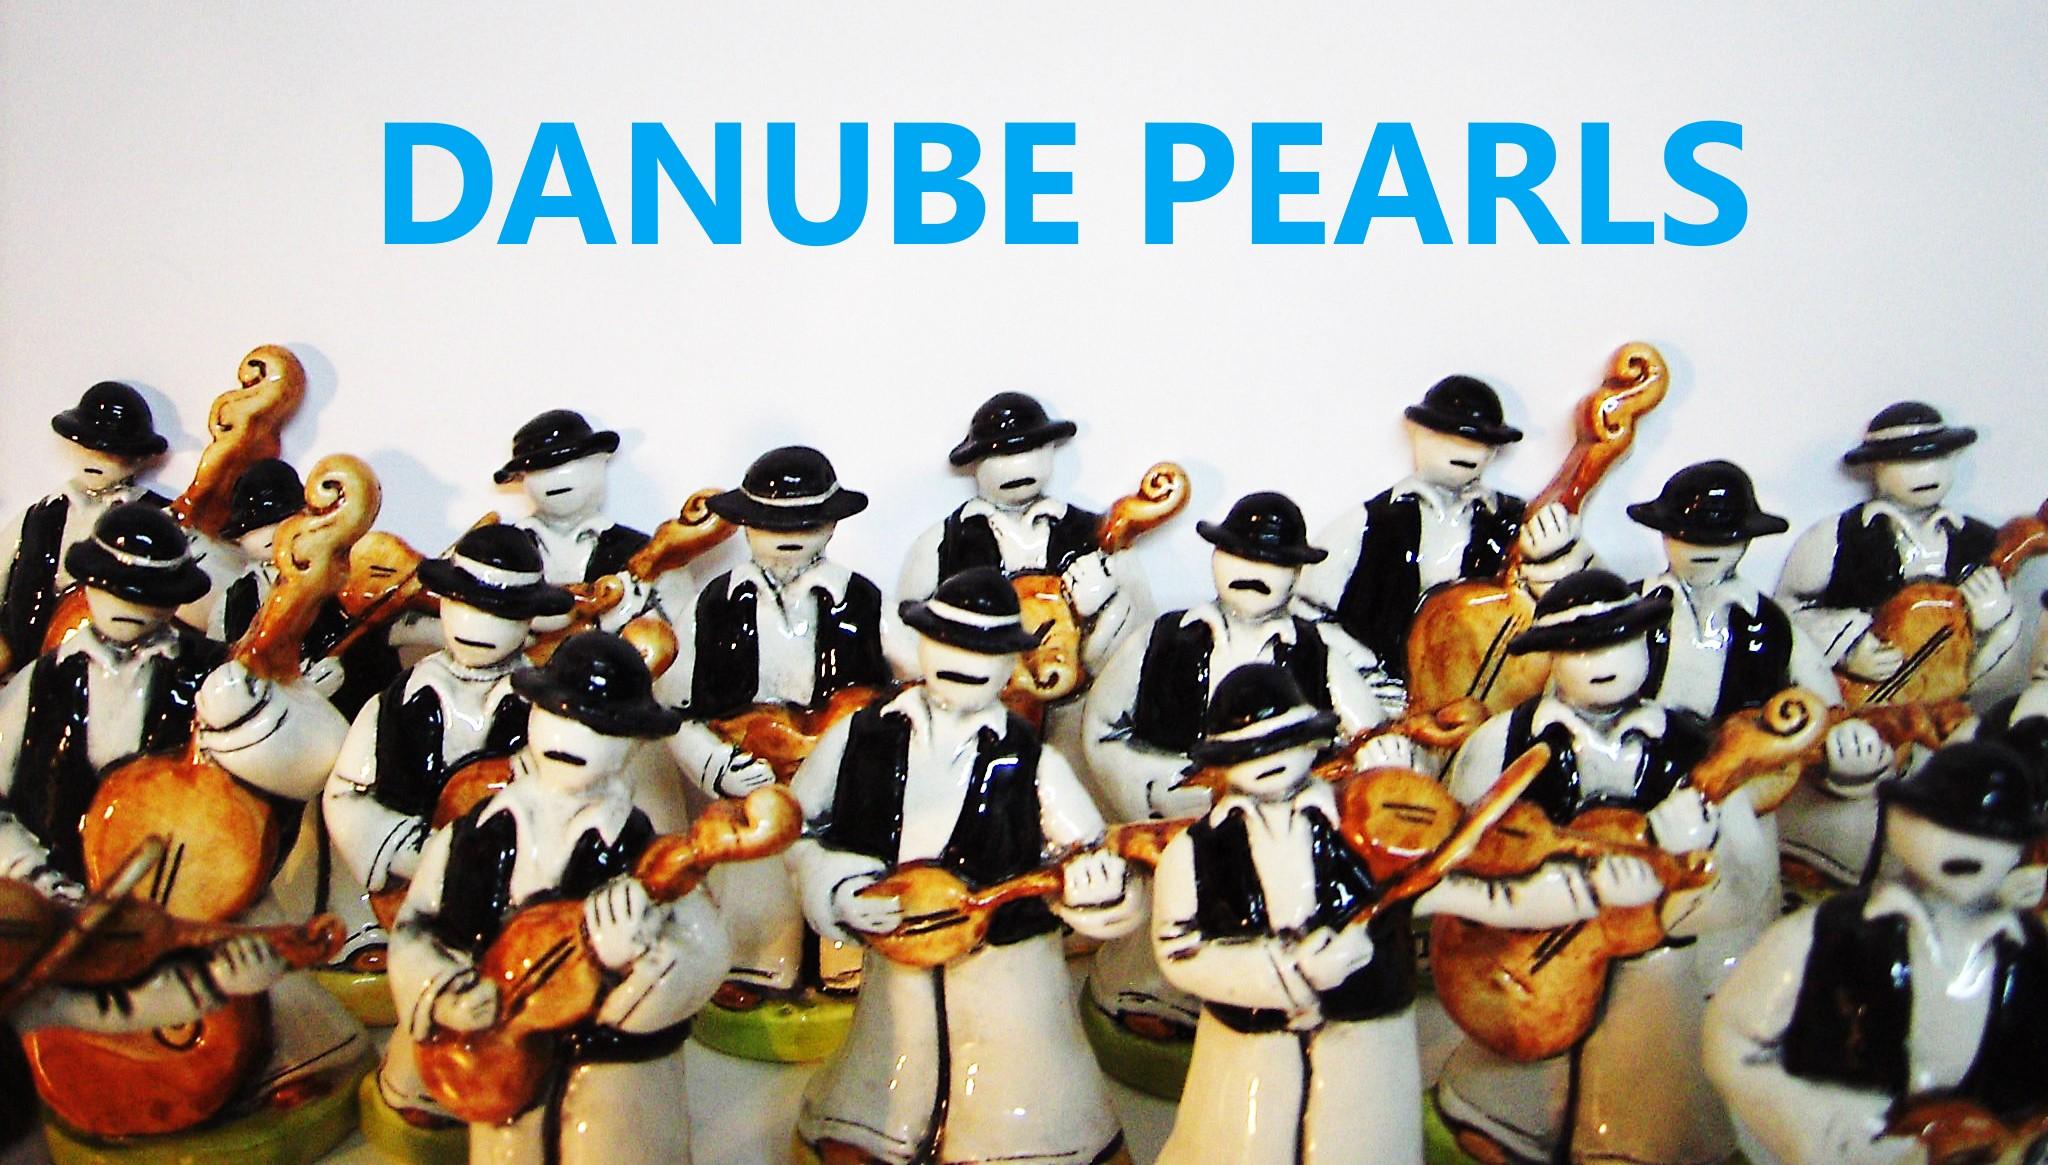 Danube Pearls